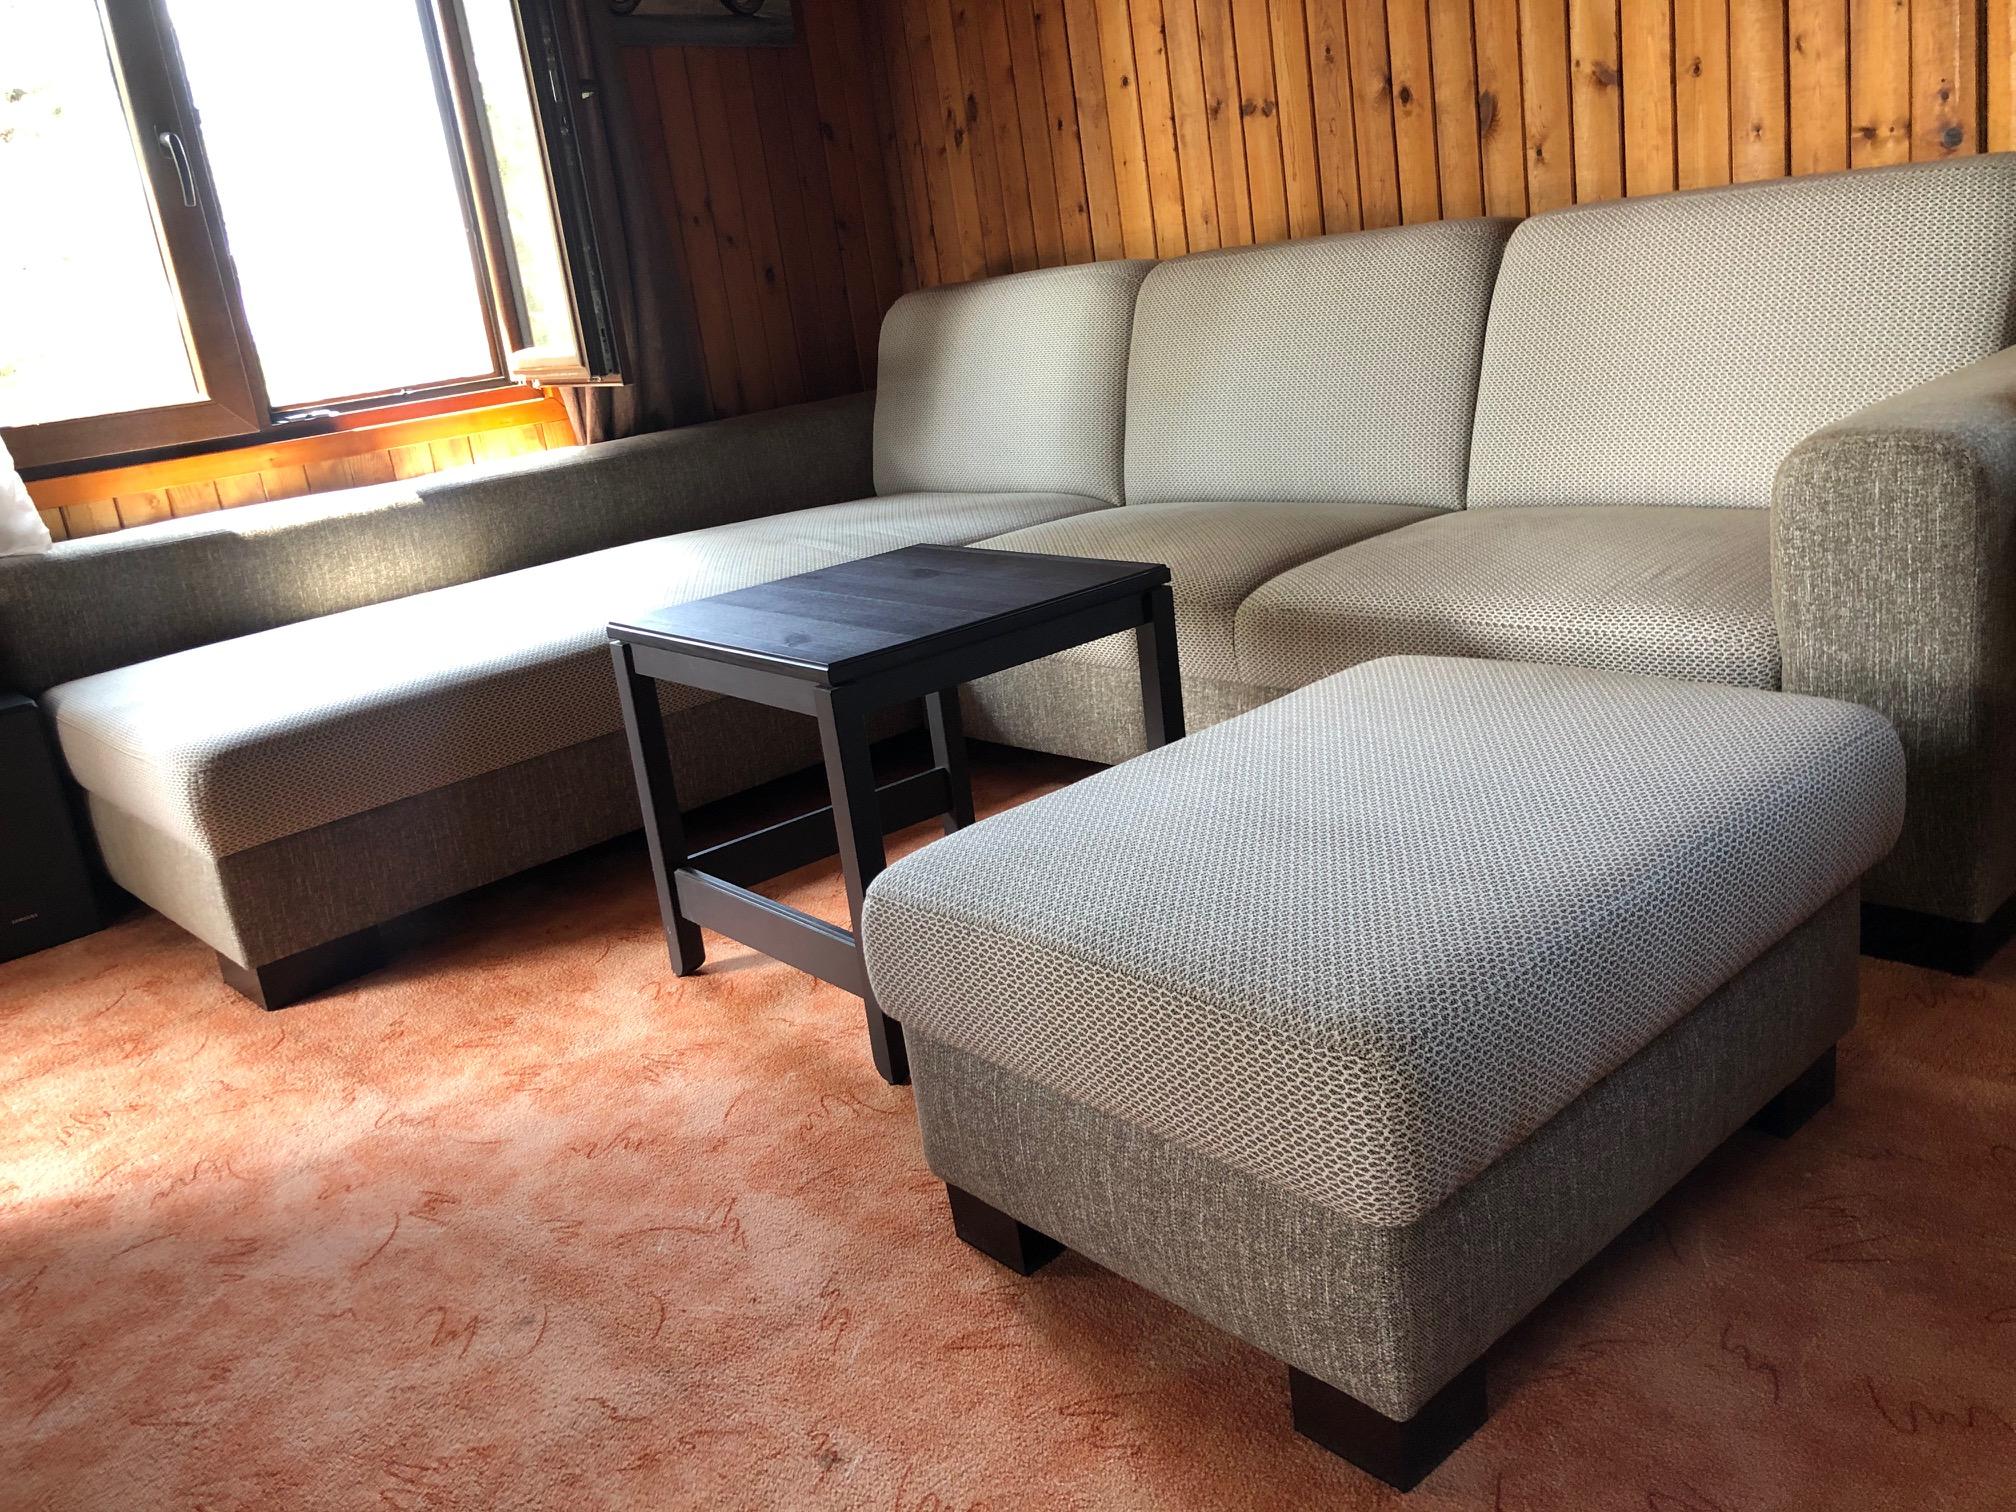 Sedacia súprava Lemans OT (210x270cm) doplnená taburet s úložným priestorom (75x55cm) v kombinácií látok Torrent a Fonteta.